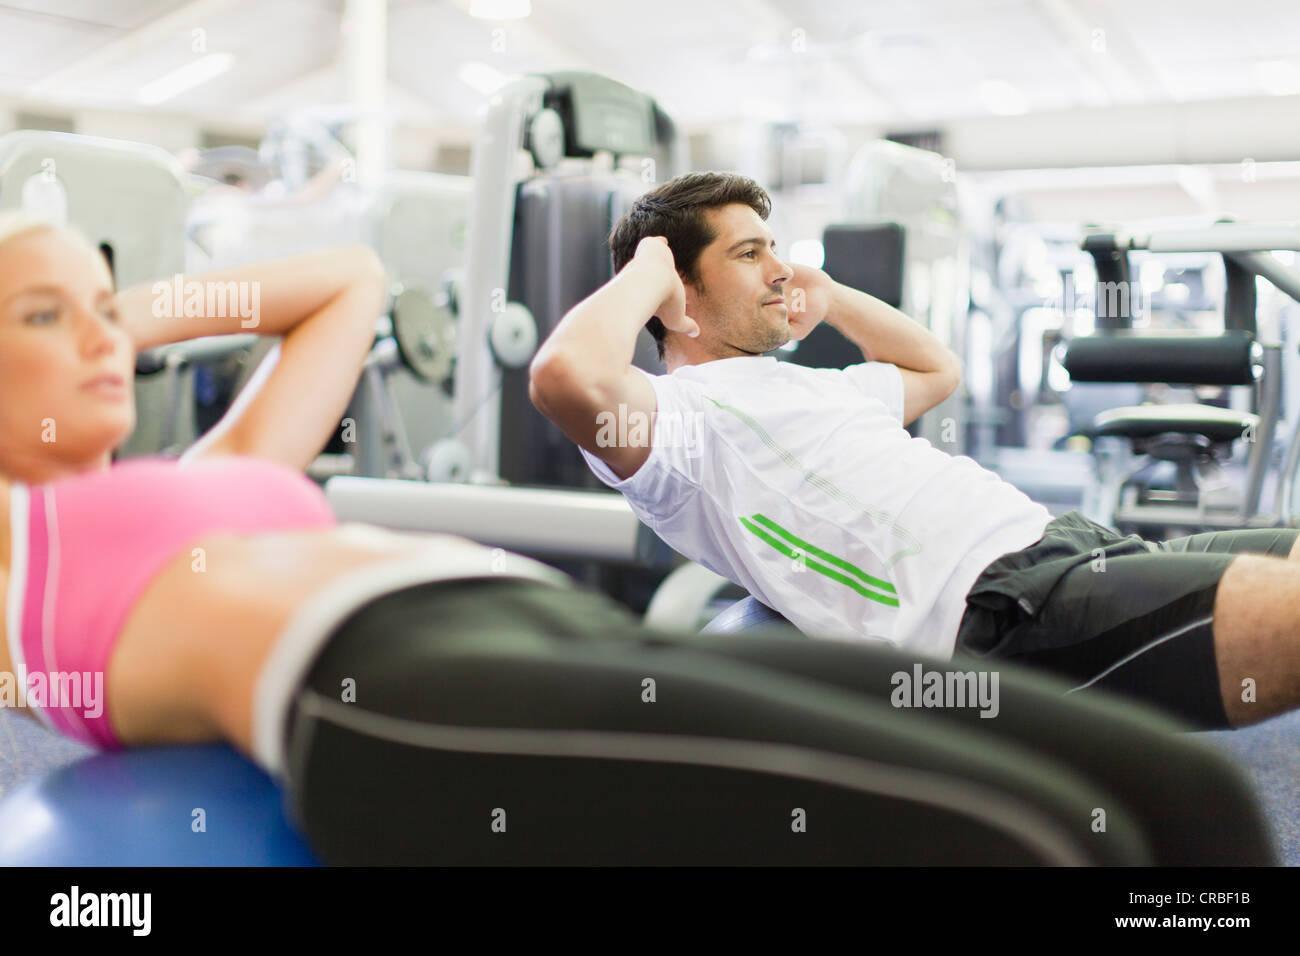 Paar zusammen trainieren Sie im Fitness-Studio Stockbild